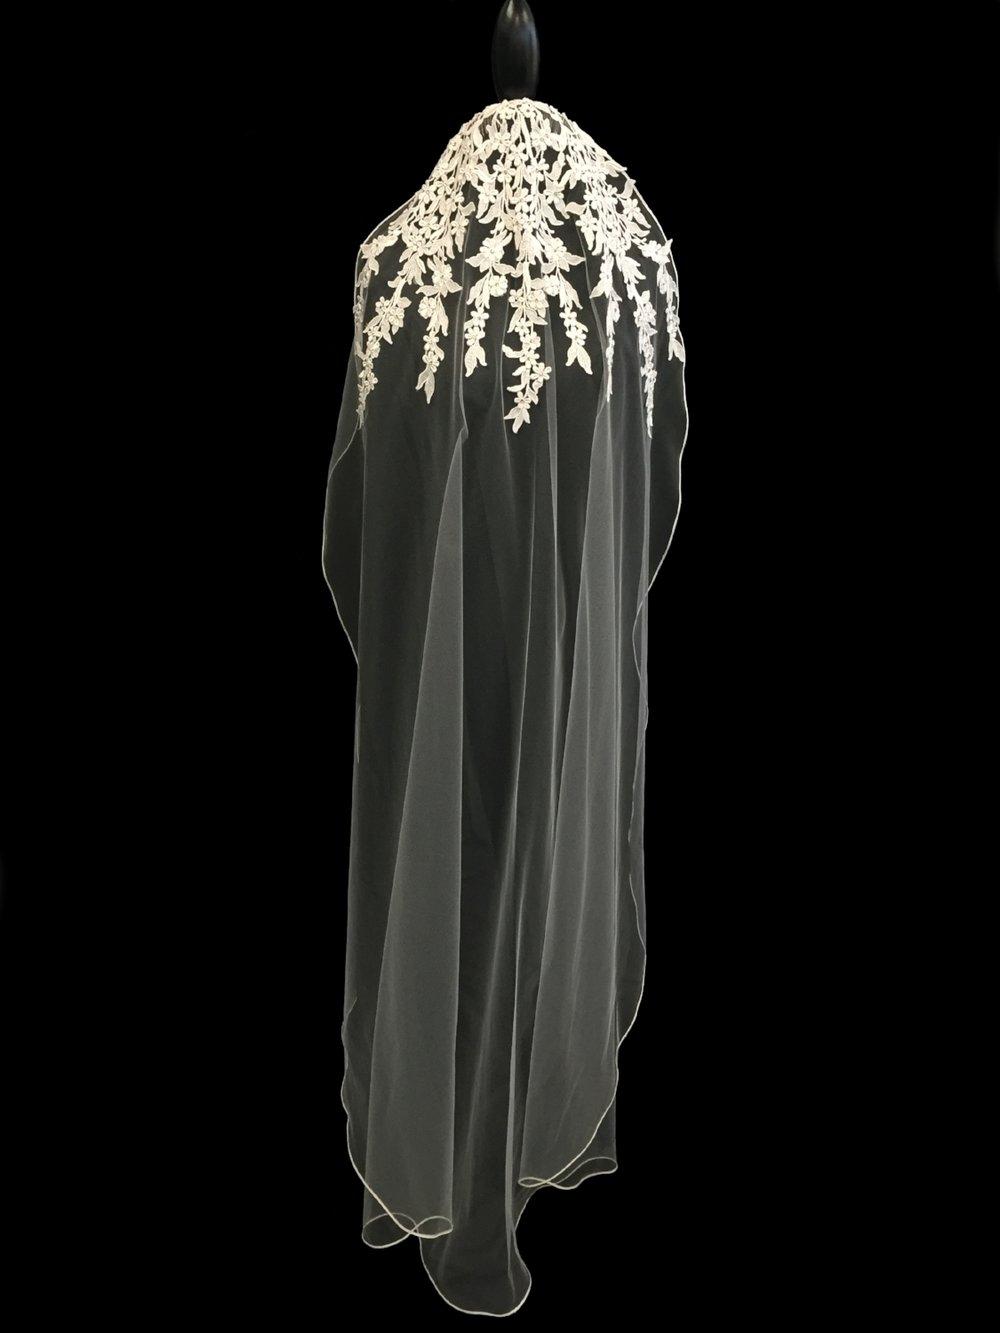 V5674-D _ 62x54 Oval Mantilla - Guipure Lace